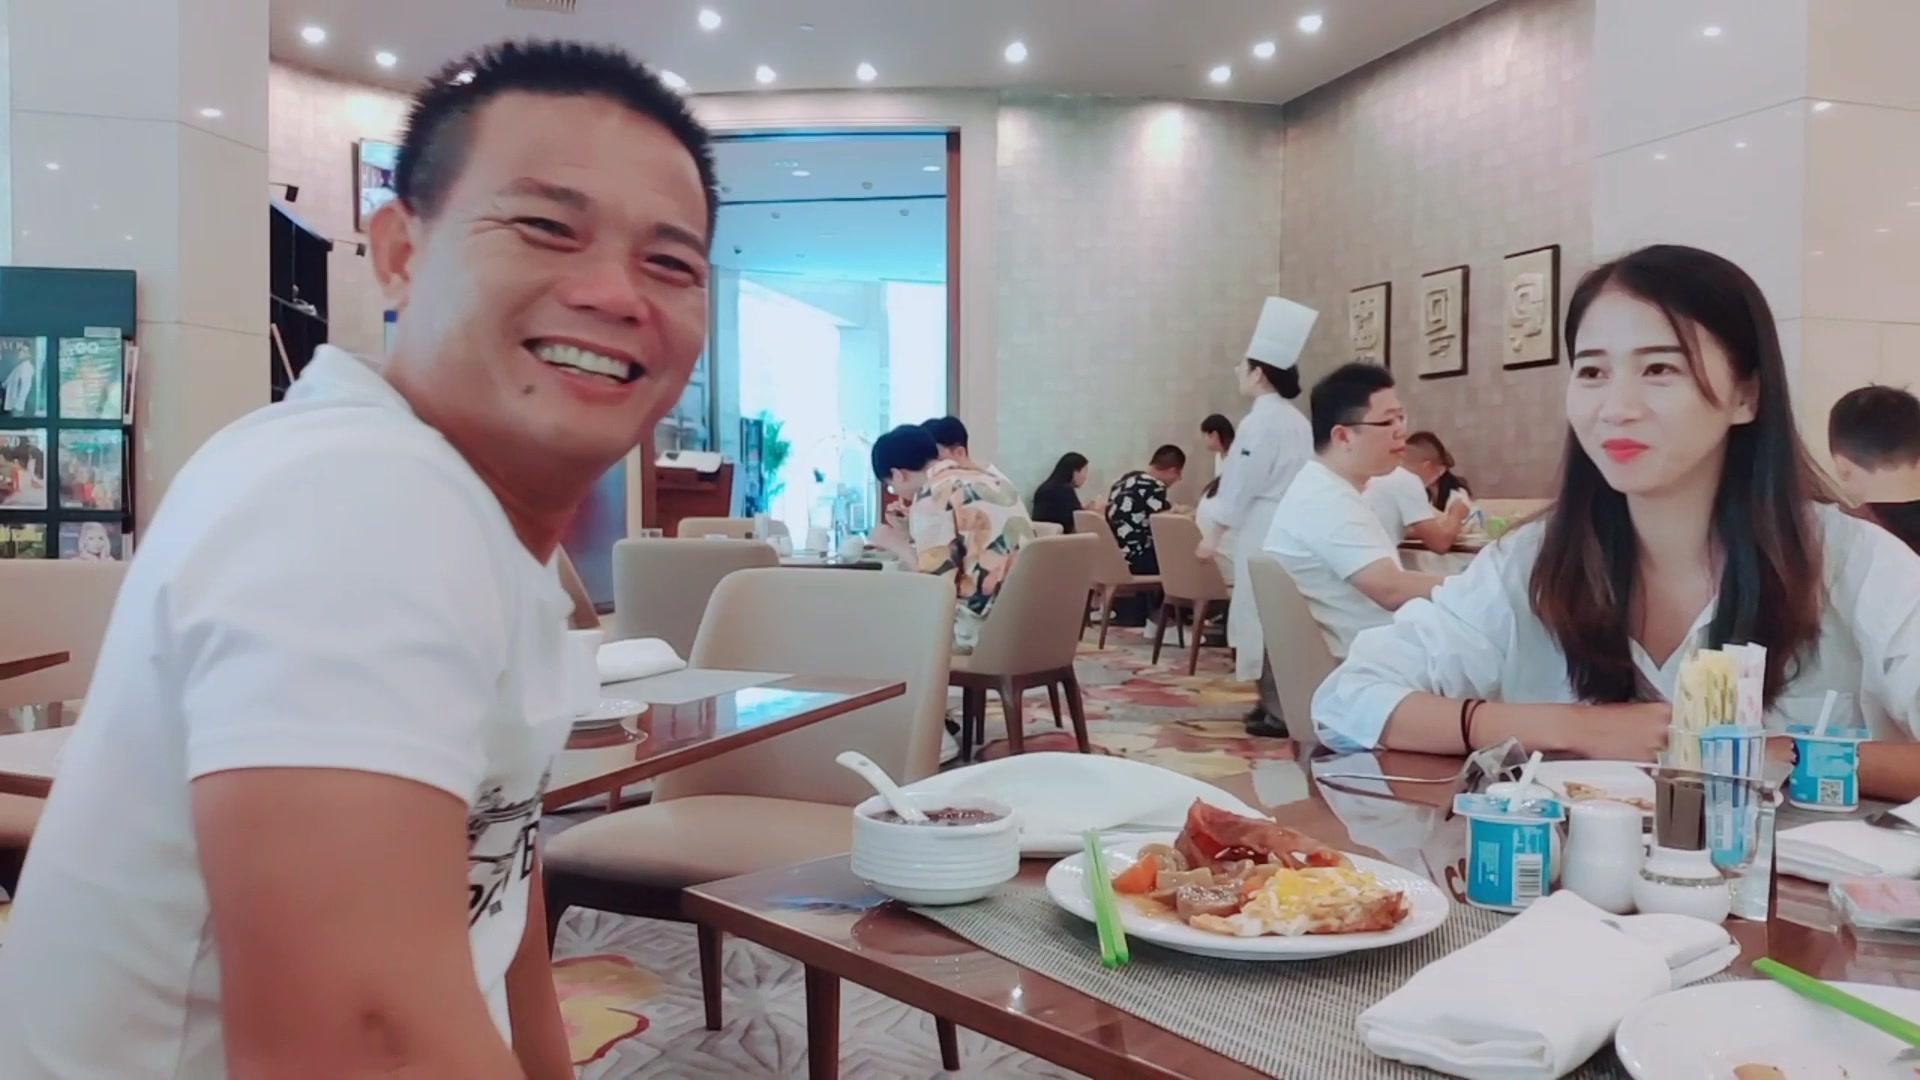 吃早餐遇到海南赶海四哥两人一起聊作品的心得小雪感觉自己学到了